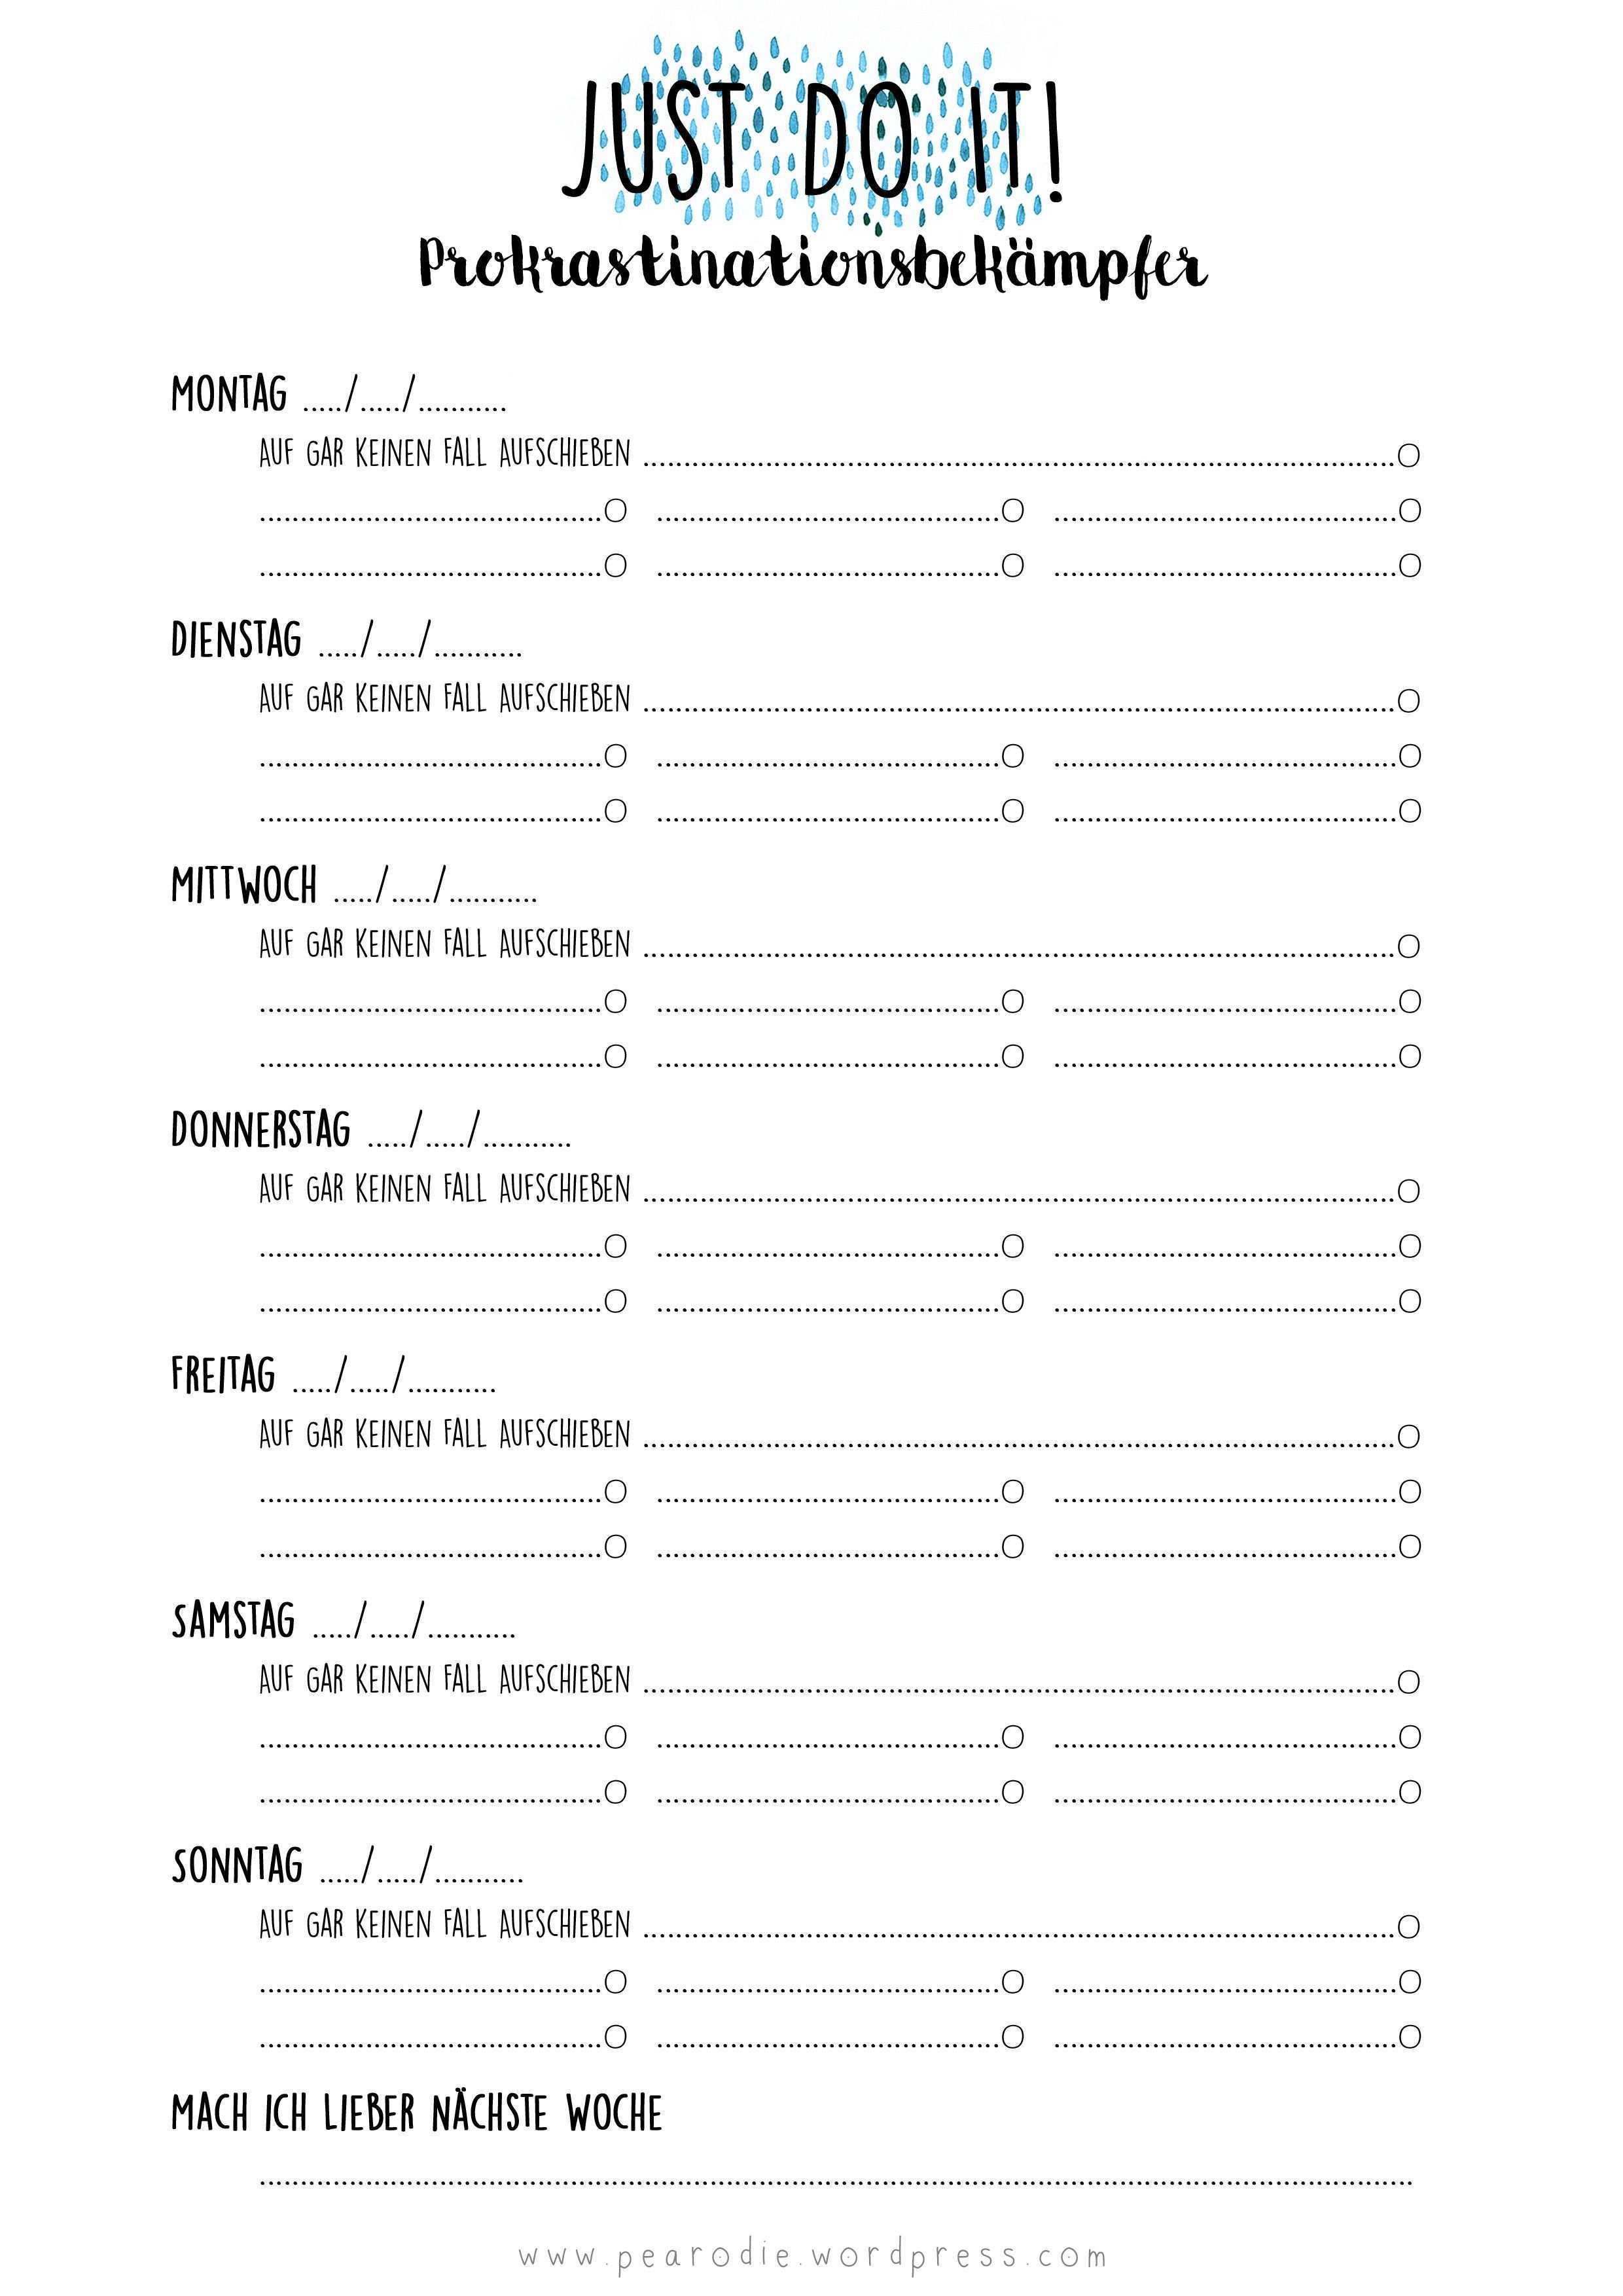 Prokrastinationsbekampfer Free Print Wochenplan Vorlage Planer Vorlagen Lernplan Vorlage